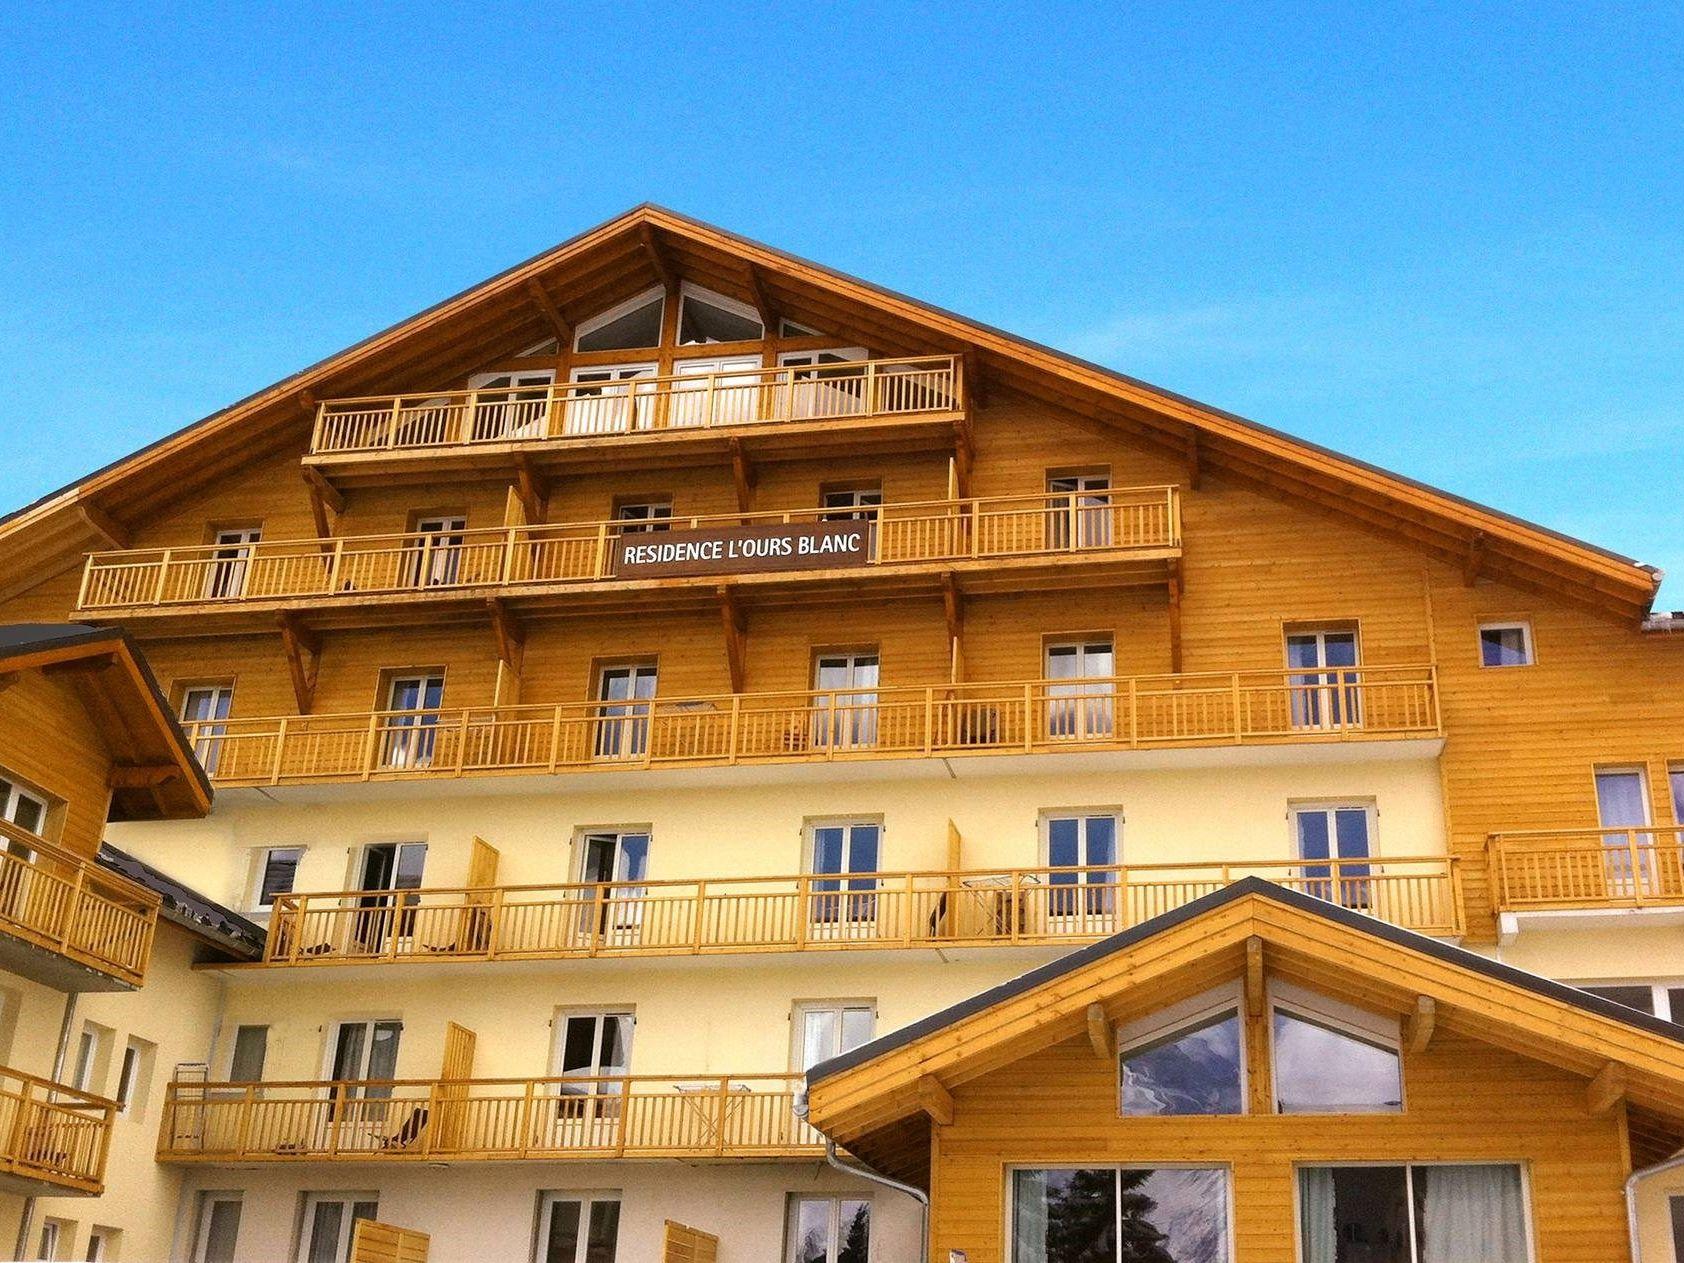 Appartement L'Ours Blanc - 2-4 personen